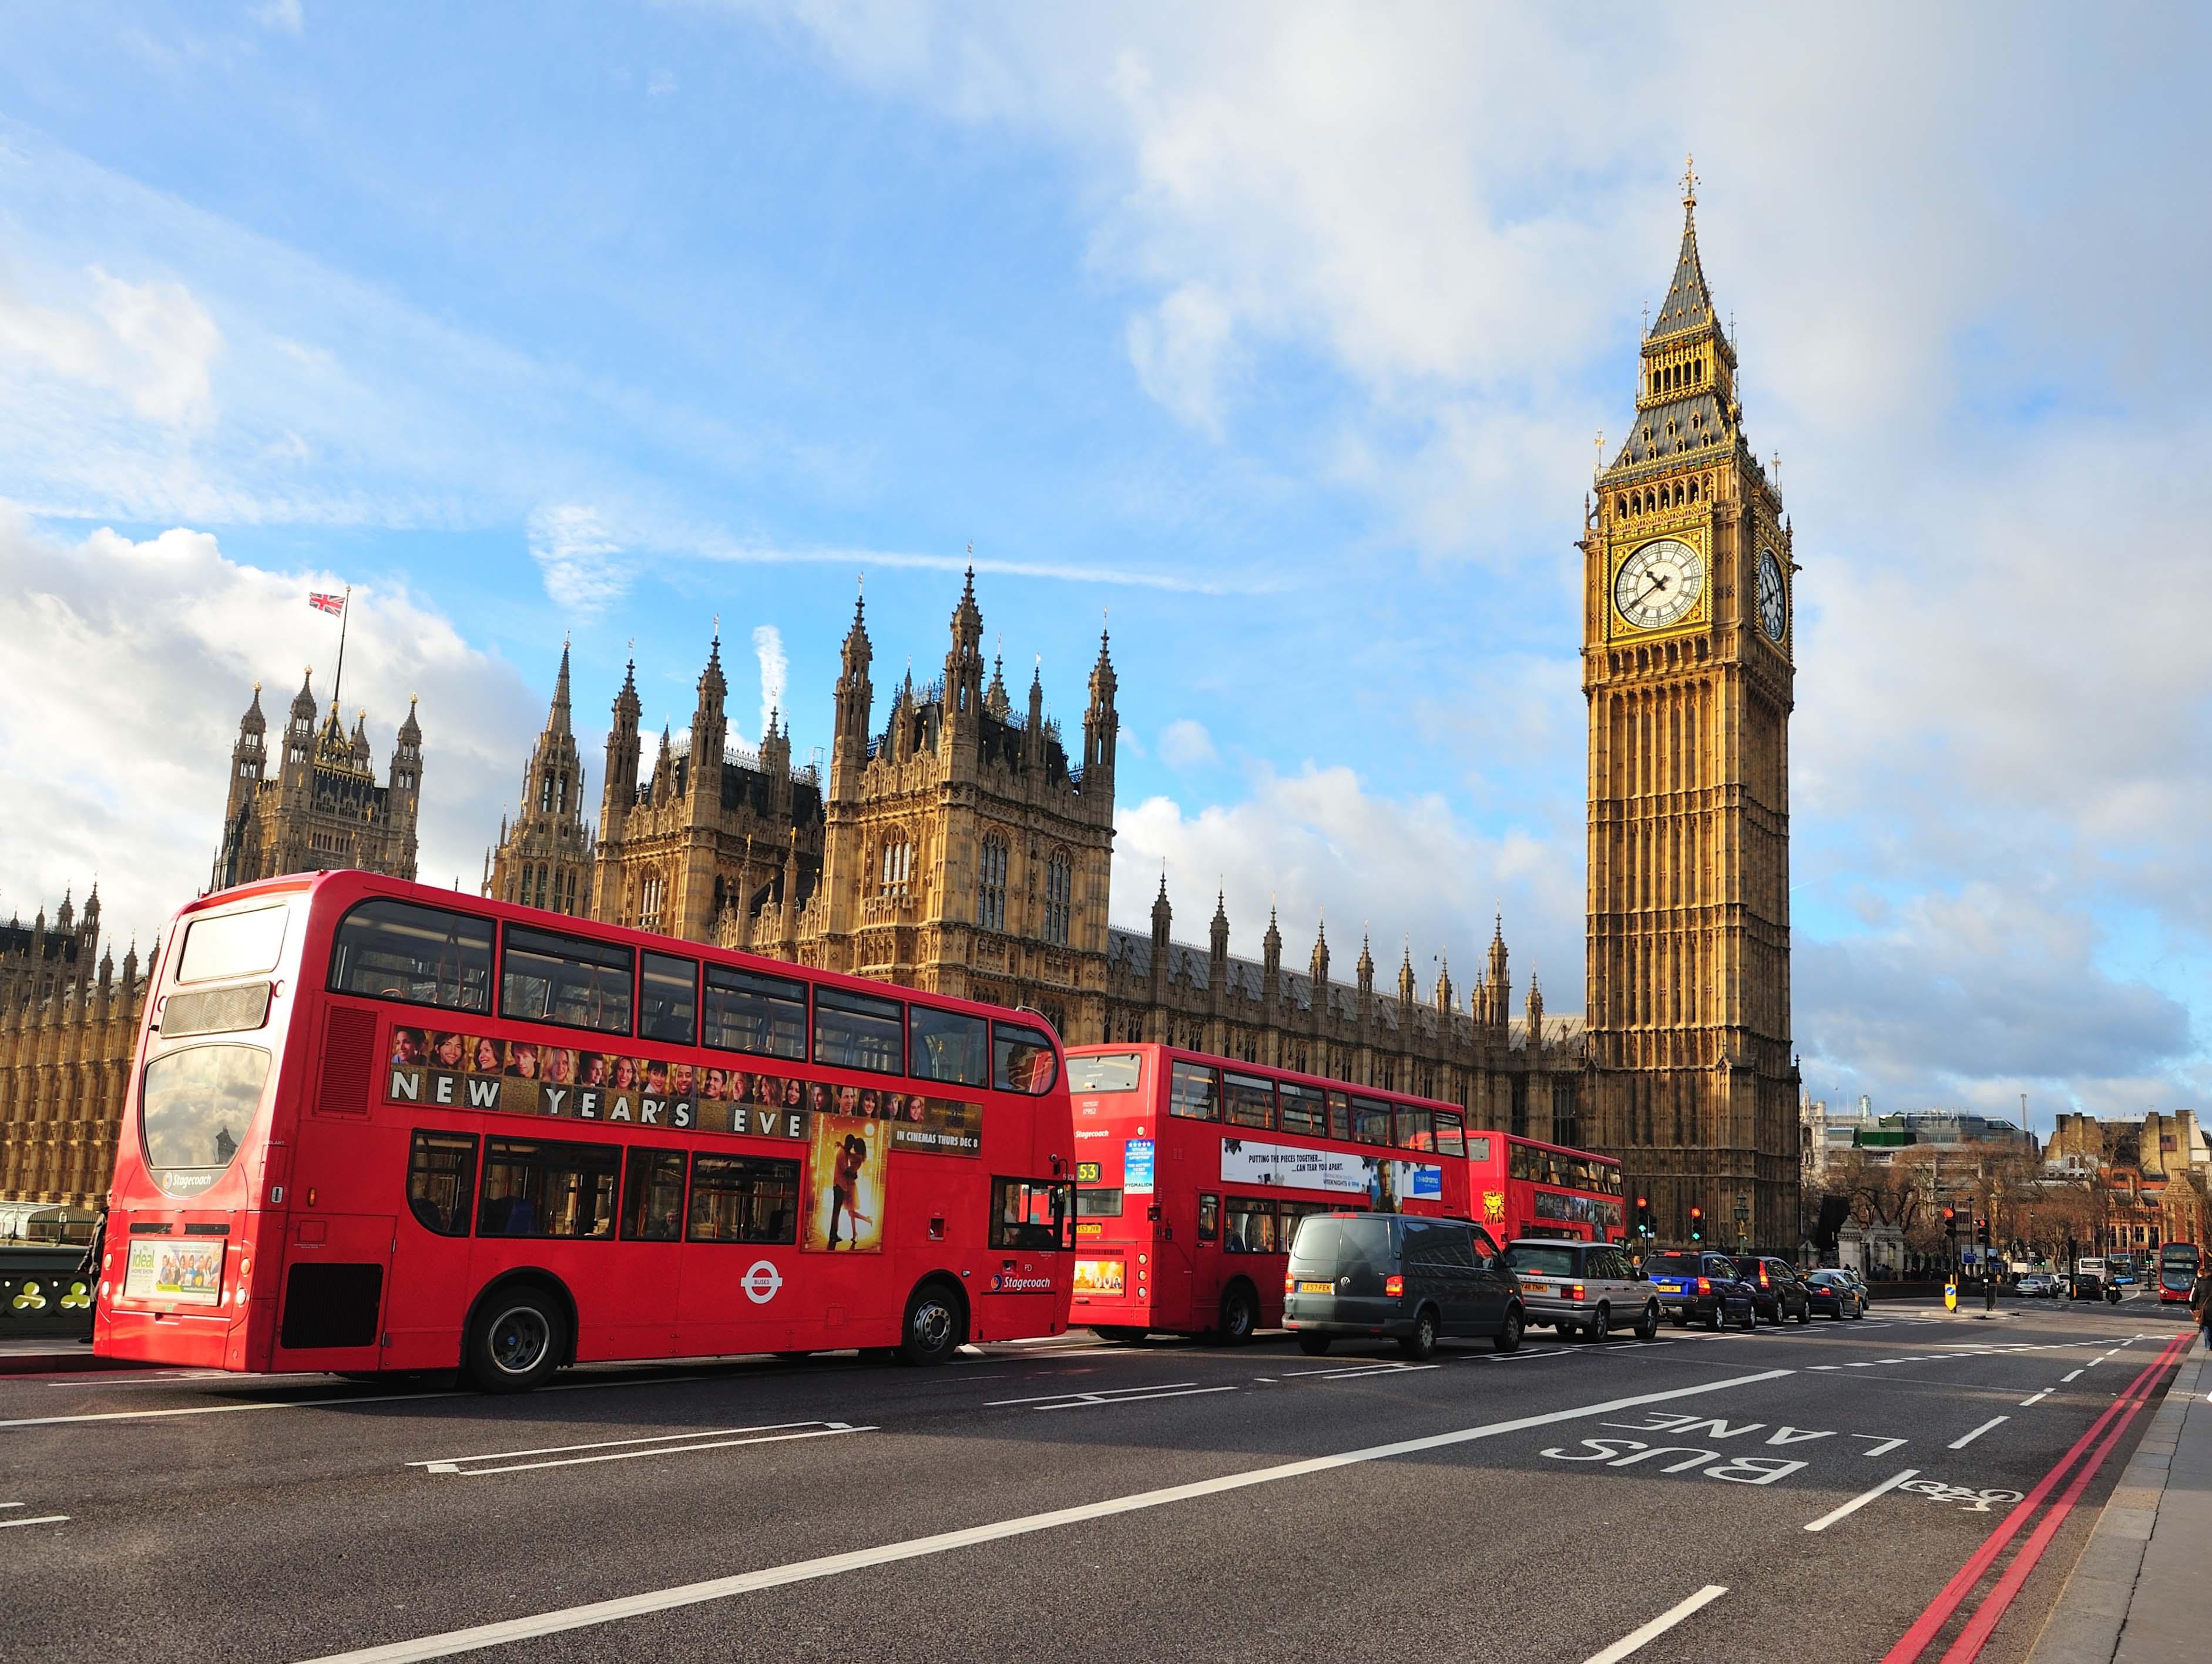 Los típicos autobuses rojos de dos plantas con el Palacio de Westminster al fondo